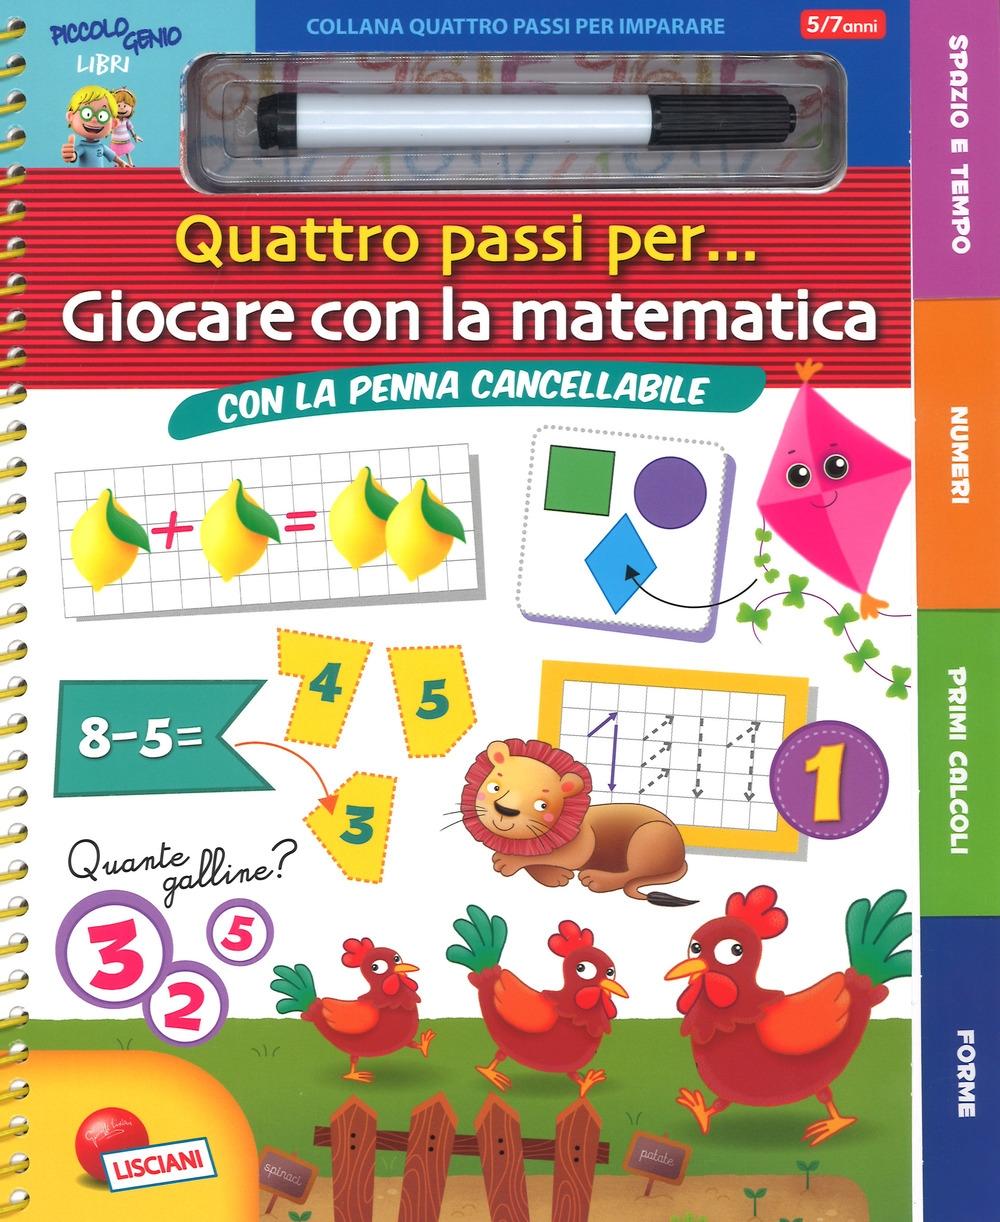 Giocare con la matematica. Quattro passi per.... Ediz. a colori. Ediz. a spirale. Con gadget